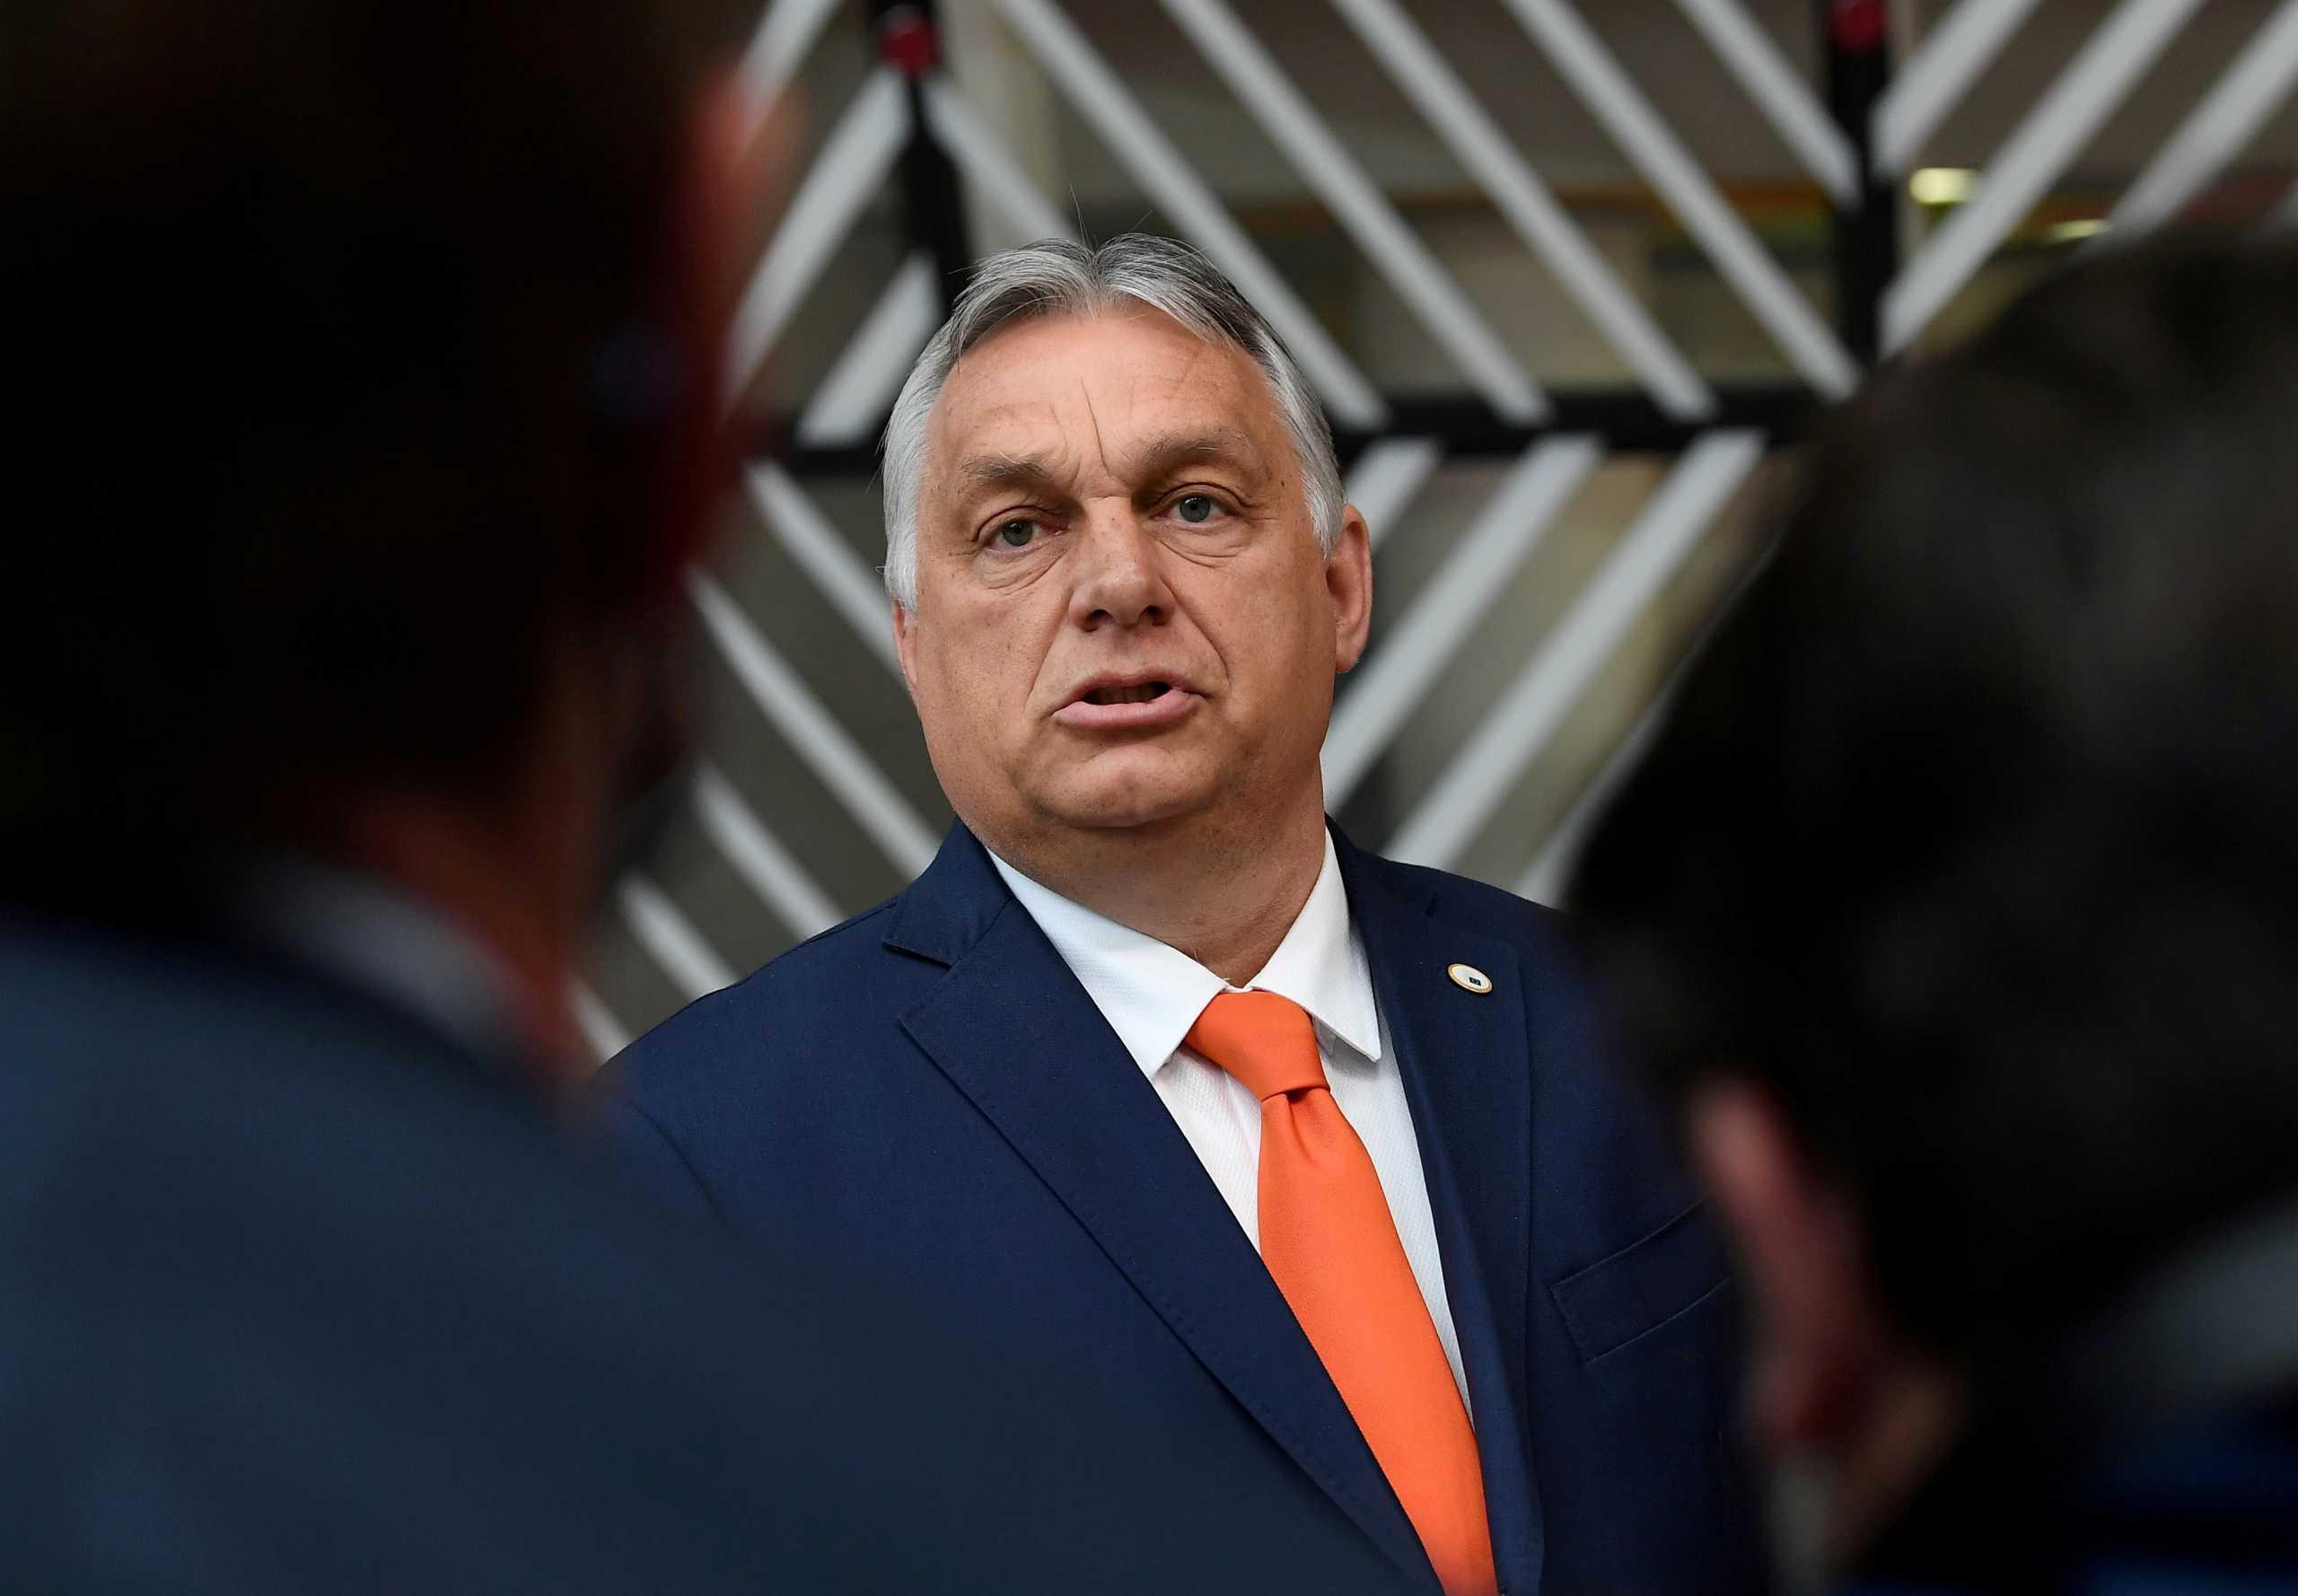 Ουγγαρία: Χαμός με βλάβη στο πληροφοριακό σύστημα – Διακόπηκαν οι προκριματικές εκλογές